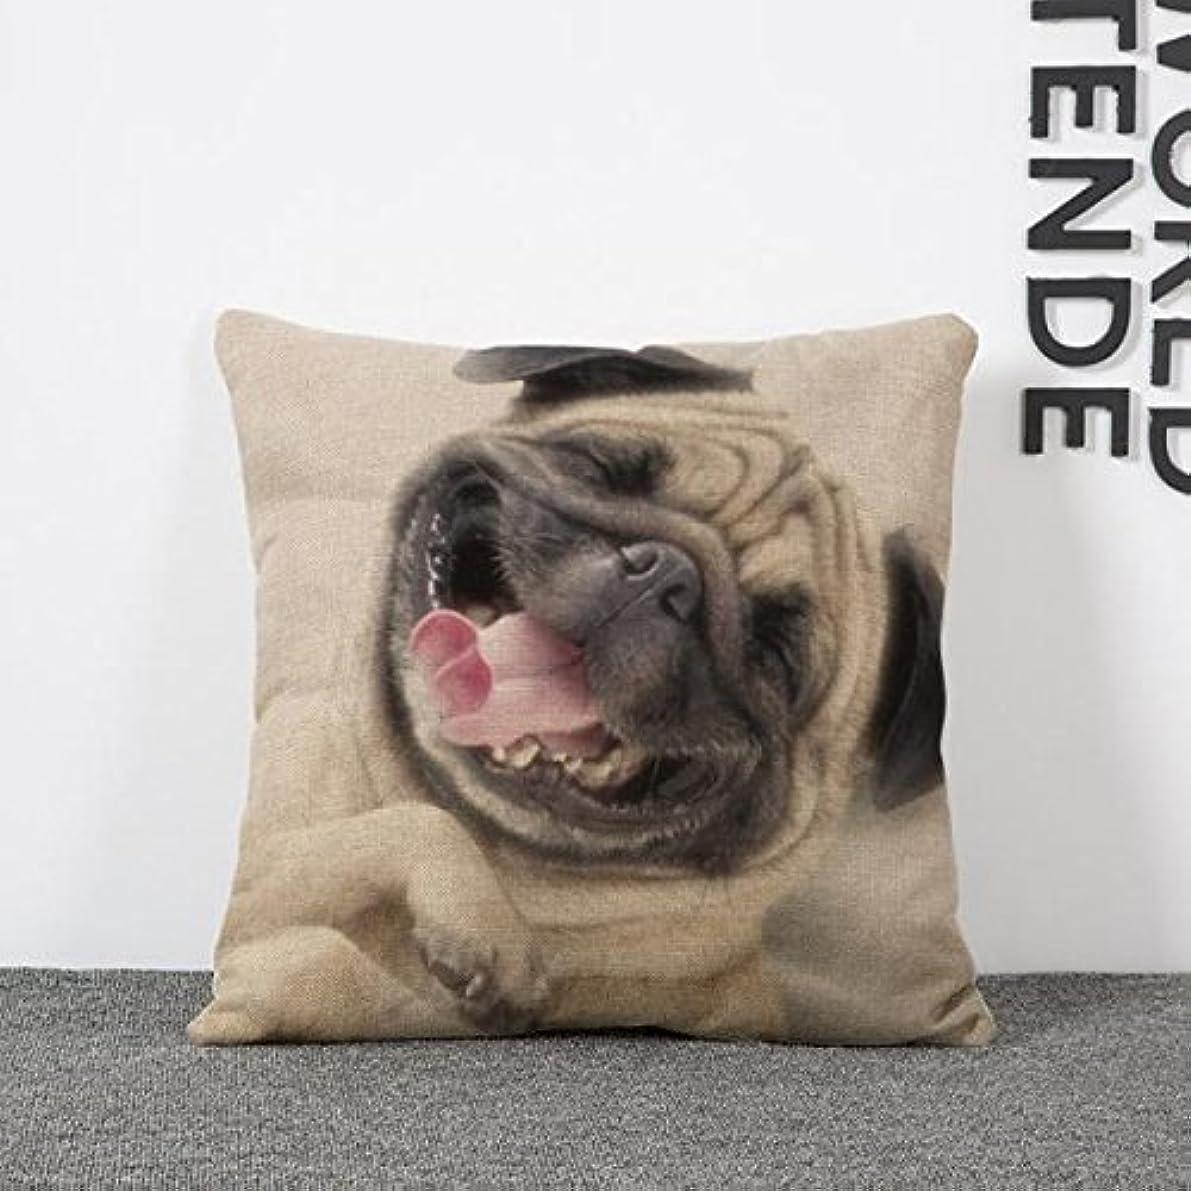 ブーム残り物こんにちはクッションカバー 犬 枕 装飾 45 * 45cm 漫画 ソファ ベッド コットン